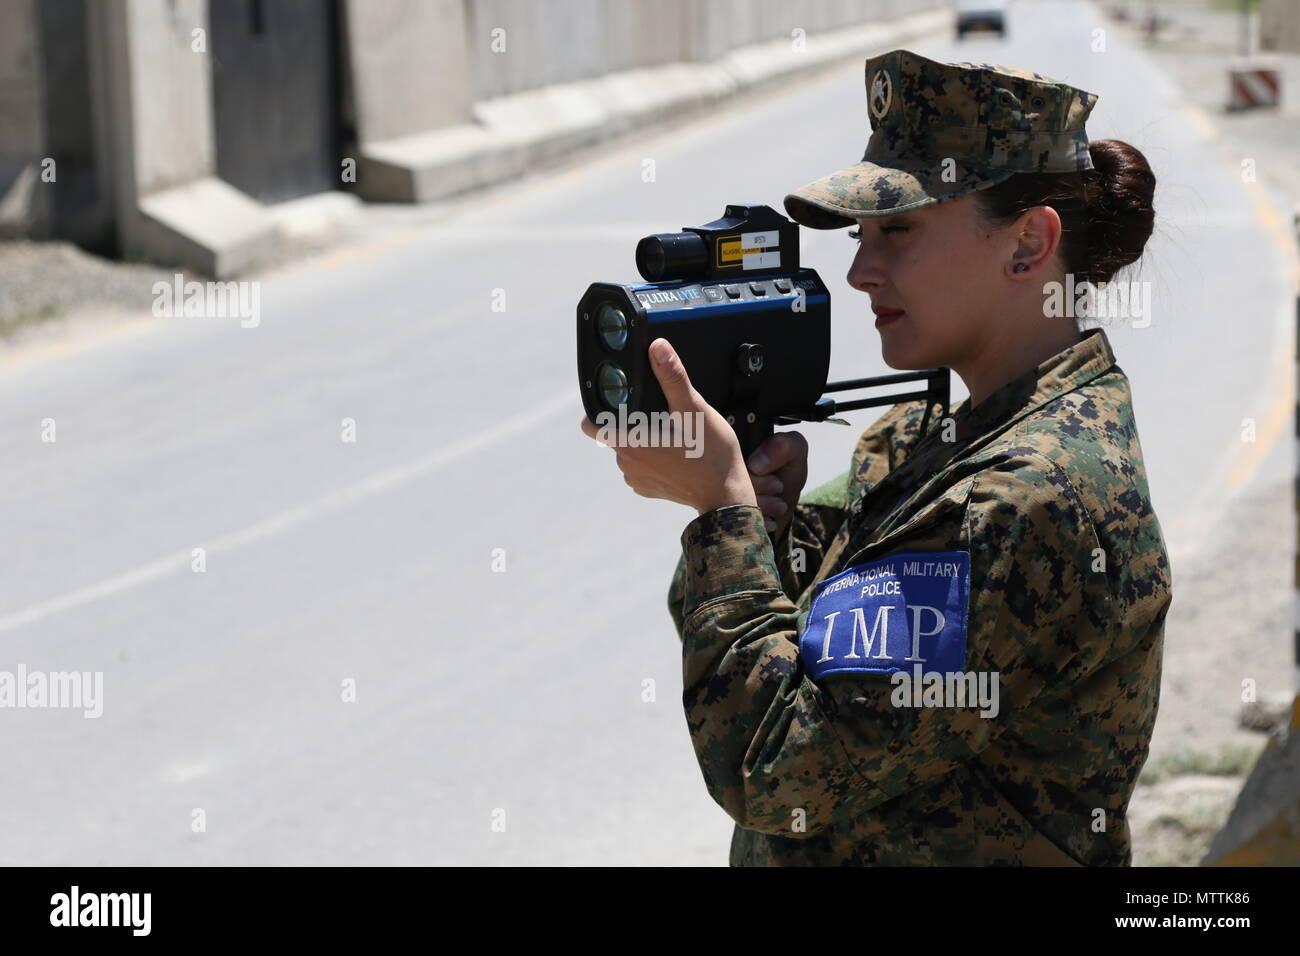 KABUL, Afganistán (Mayo 27, 2018) - Una Mujer Policía Militar Internacional de las Fuerzas Armadas de Bosnia y Herzegovina realiza una patrulla de tráfico de rutina en el Aeropuerto Internacional de Hamid Karzai, 27 de mayo de 2018. Bosnia y Herzegovina es una de las 39 naciones que juegan un papel integral en el decidido apoyo de la OTAN la misión. Apoyo decidido (Foto por Jordania Belser) Foto de stock